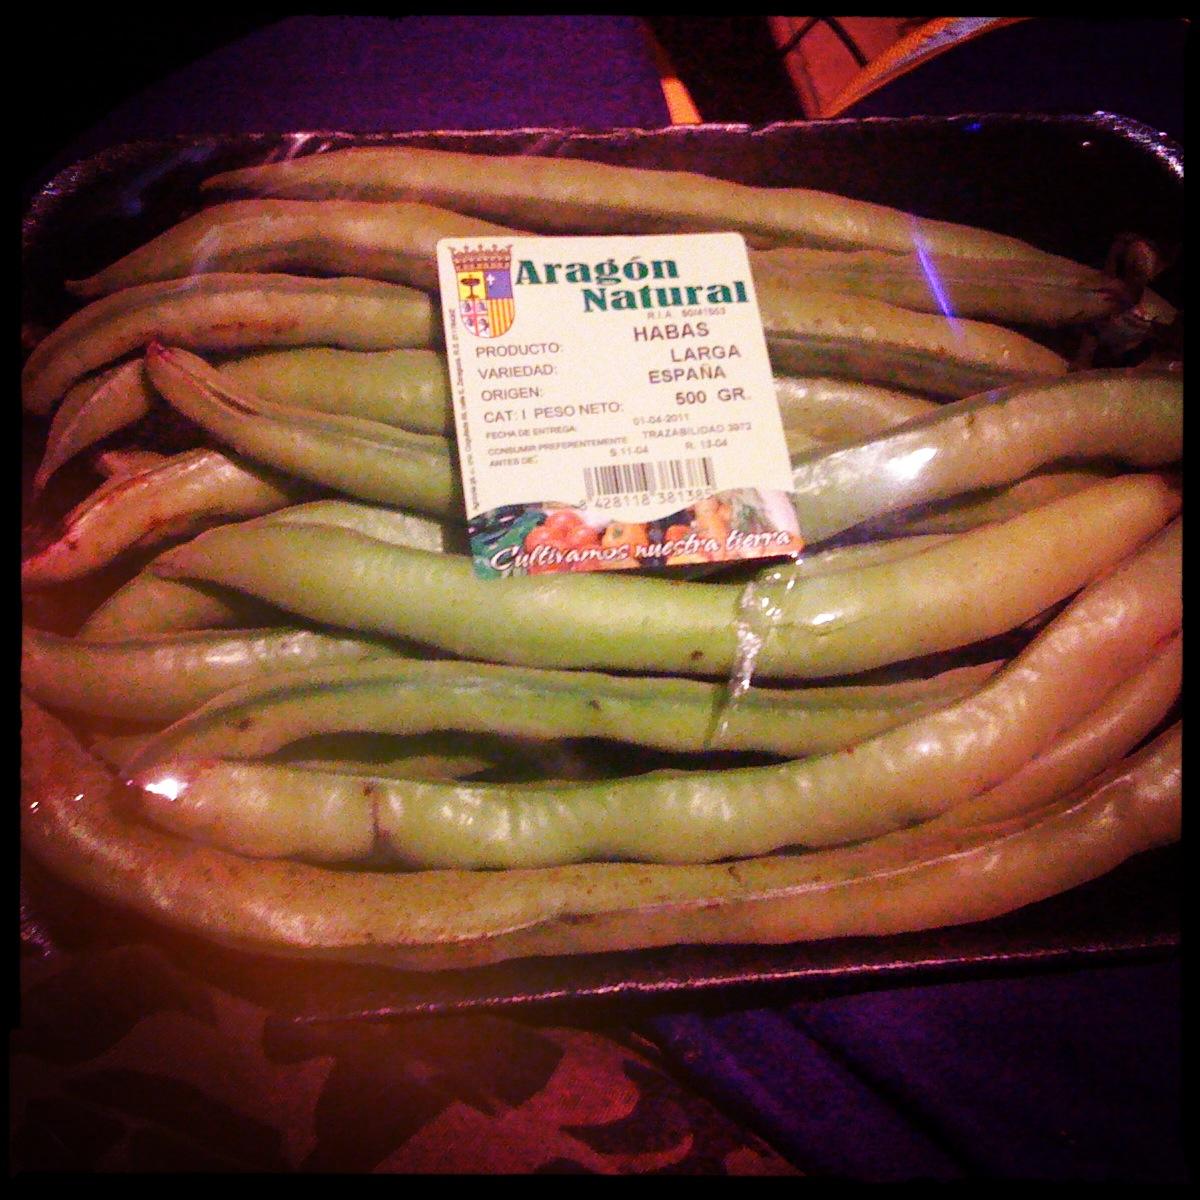 Pansinblog el blog sinsal habas frescas con chorizo - Habas frescas con jamon ...